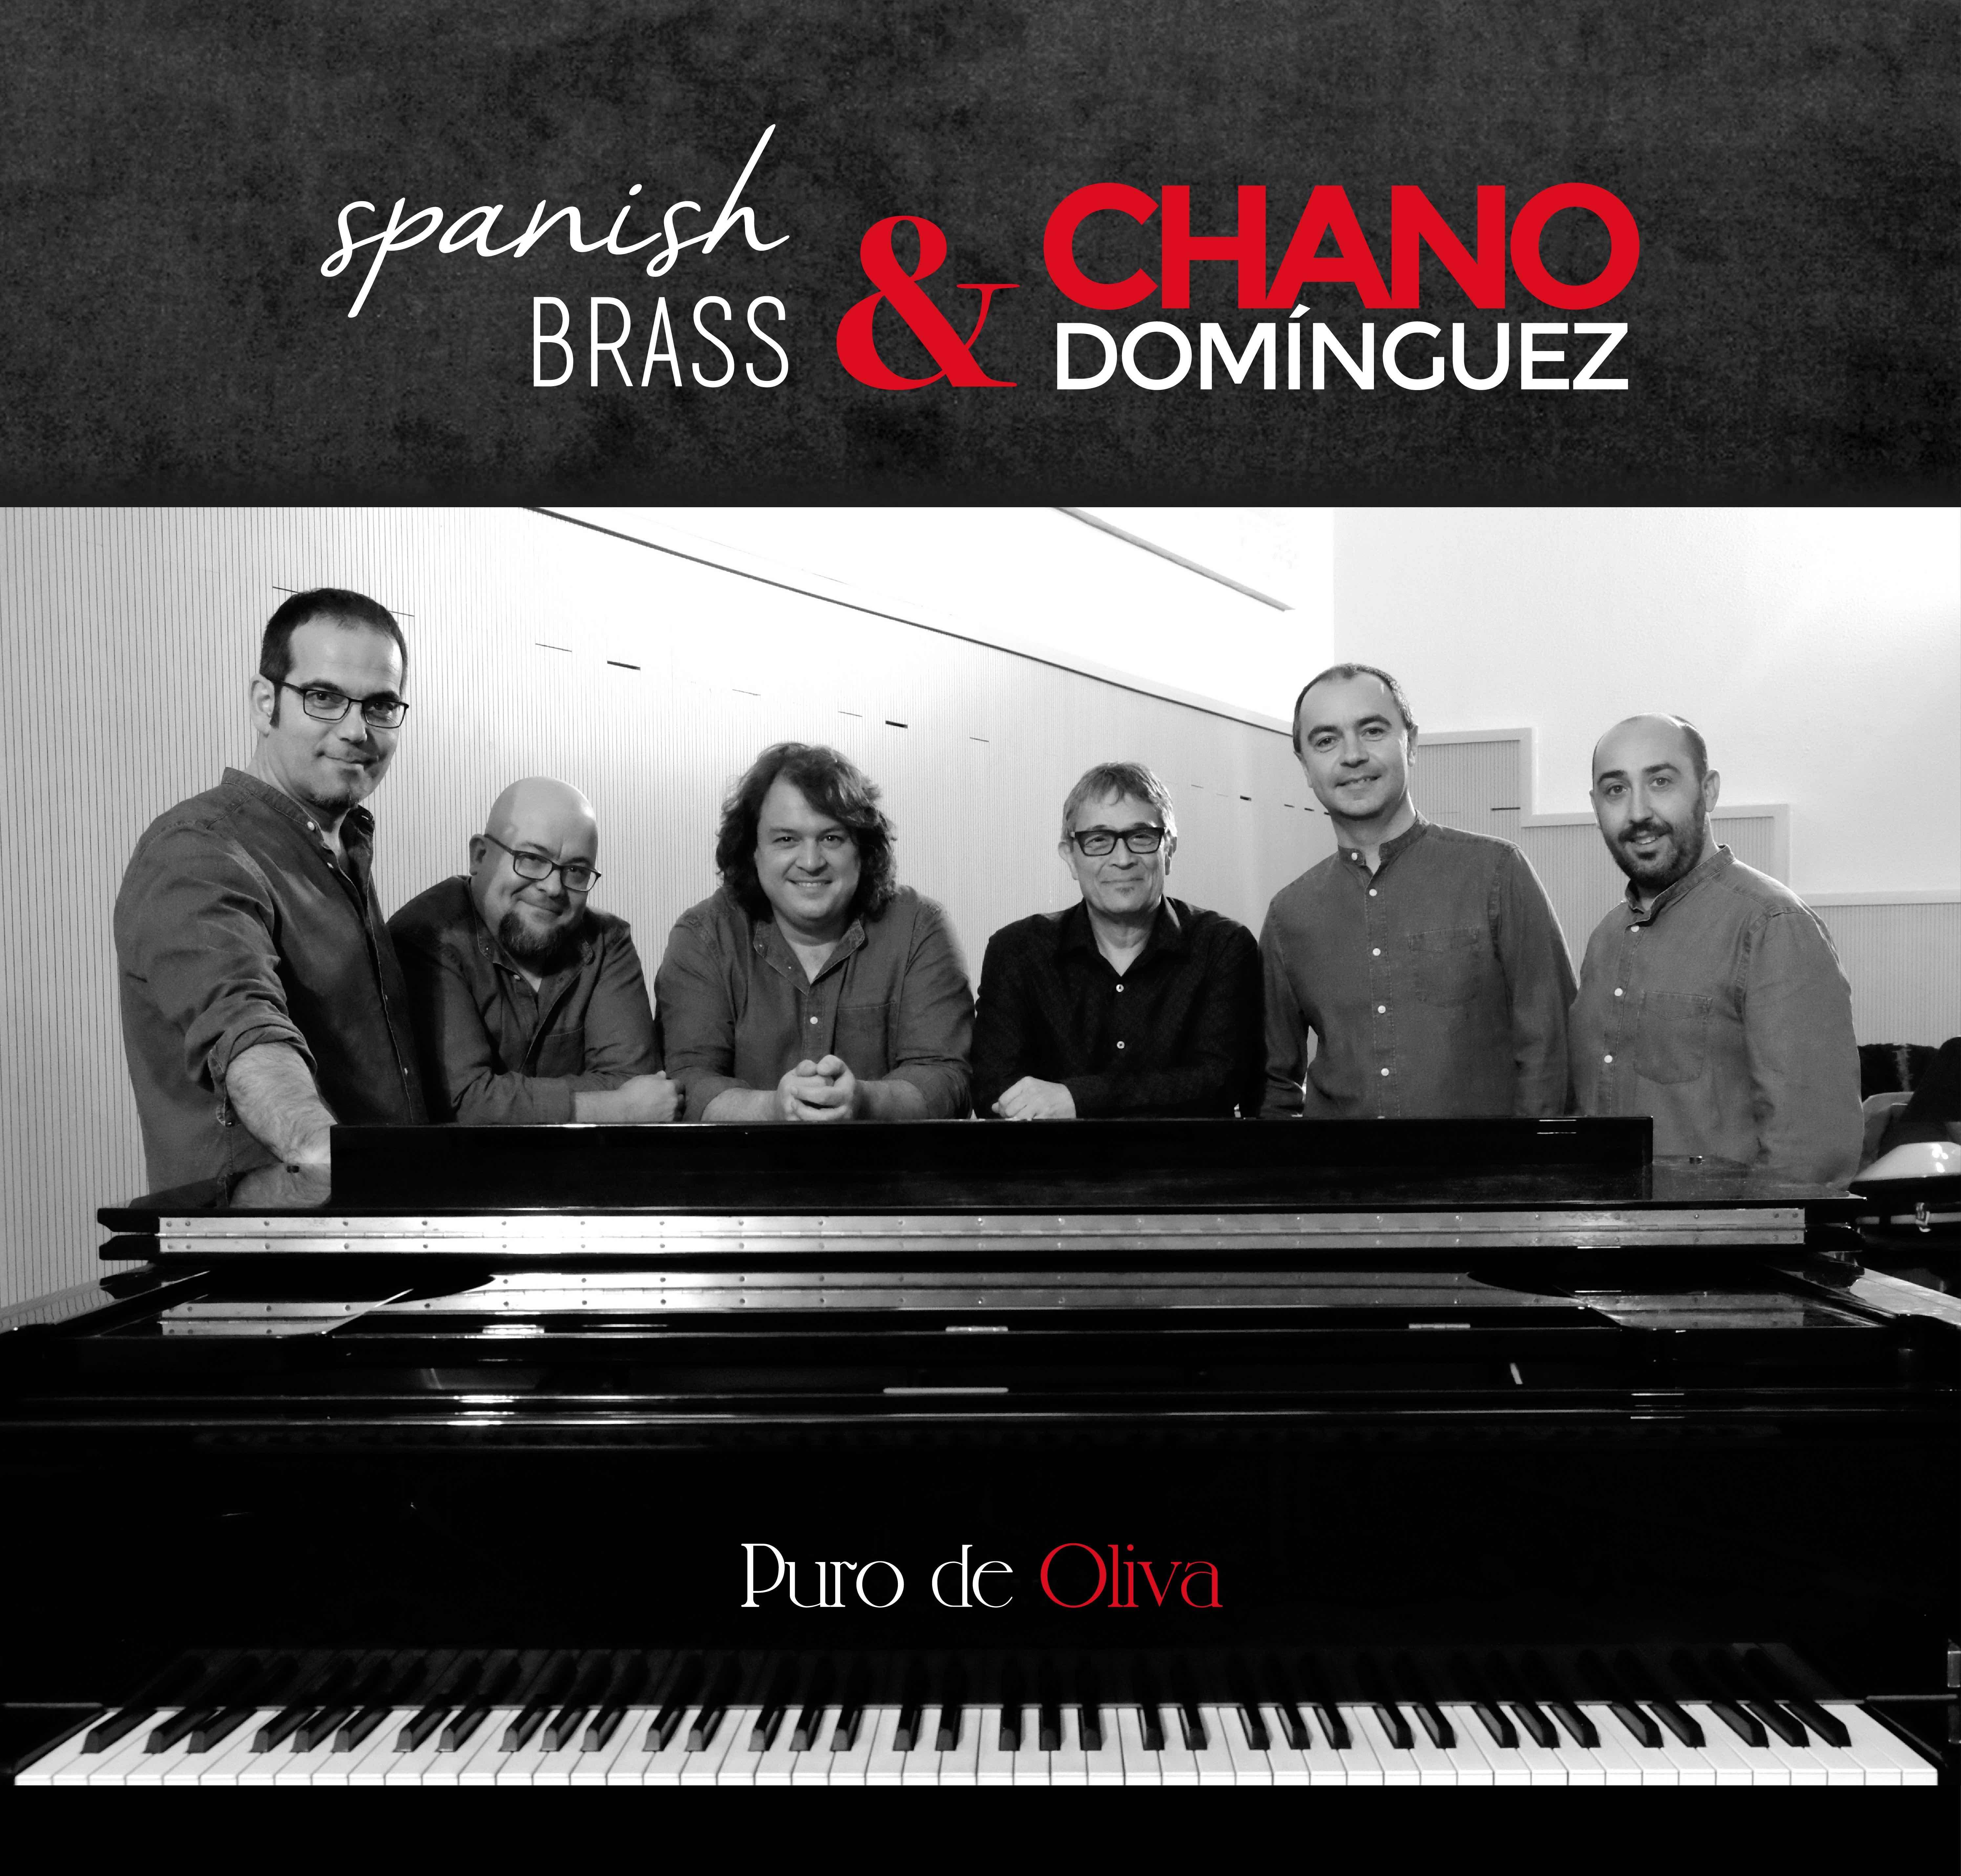 """El genial pianista, artífice de la fusión de jazz y flamenco, y el quinteto de metal español más reconocido a nivel internacional ofrecerán su espectáculo """"Puro de Oliva"""" en la Torre del Virrey."""